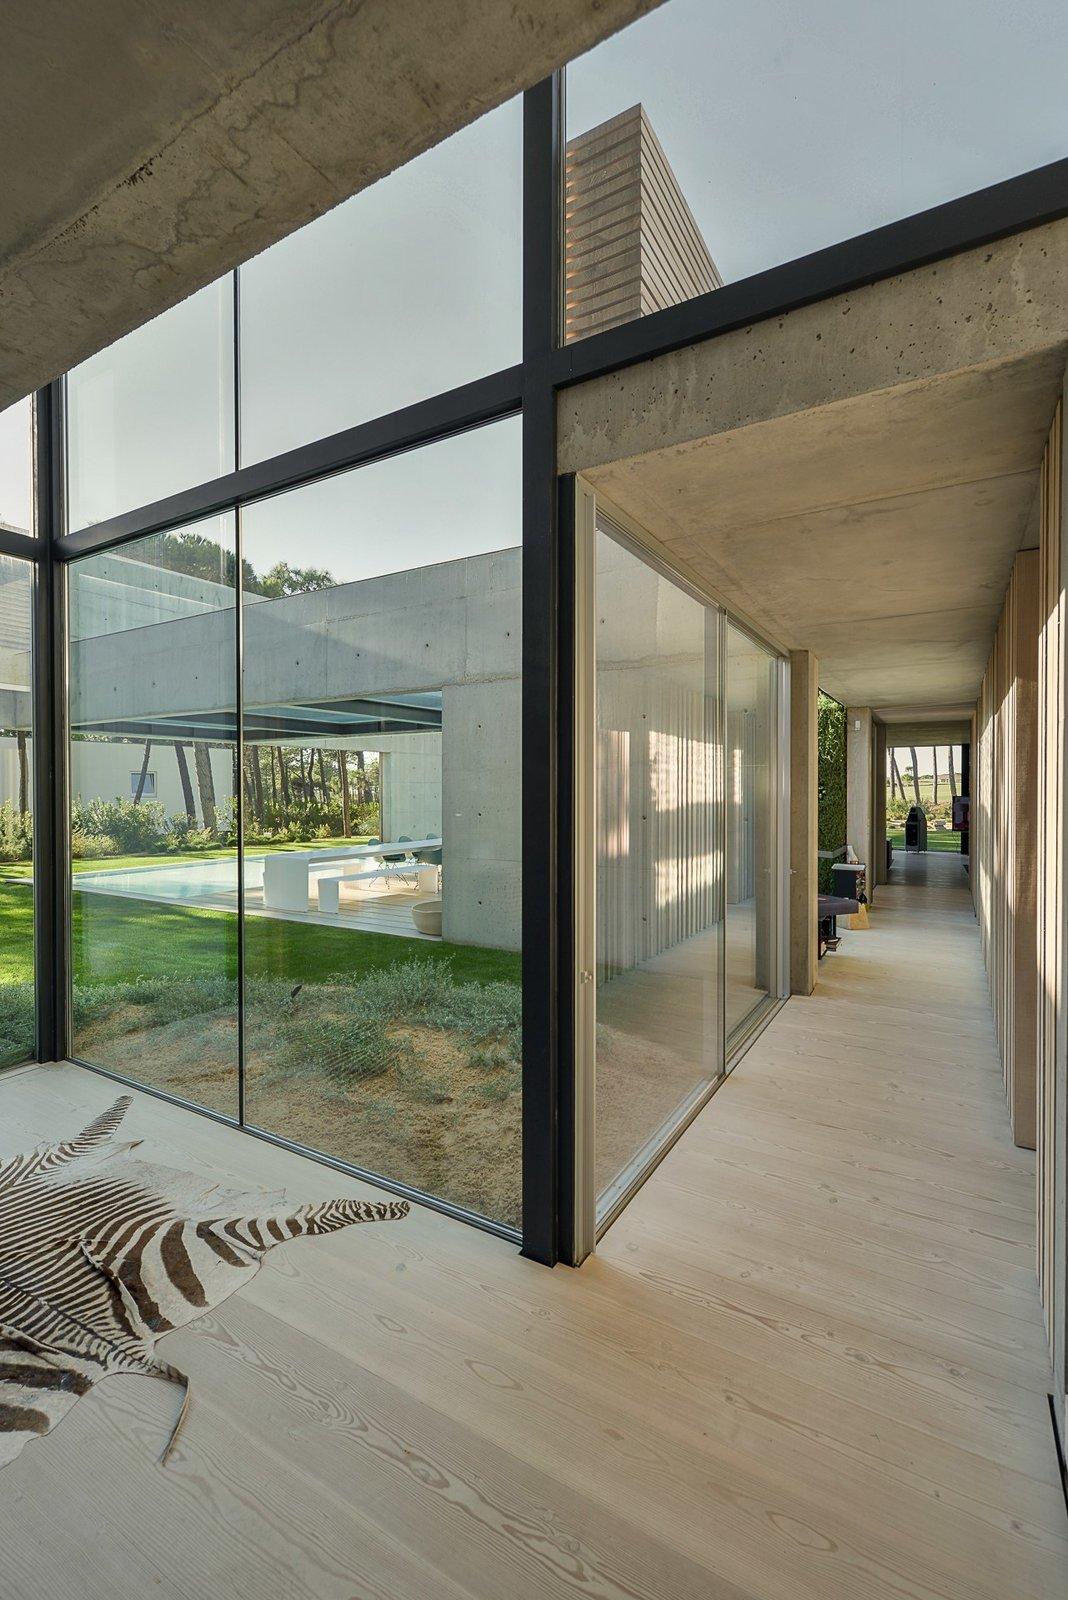 Une piscine avec un fond en verre surplombe l'autre dans une maison de la Riviera portugaise - Photo 9 de 12 -